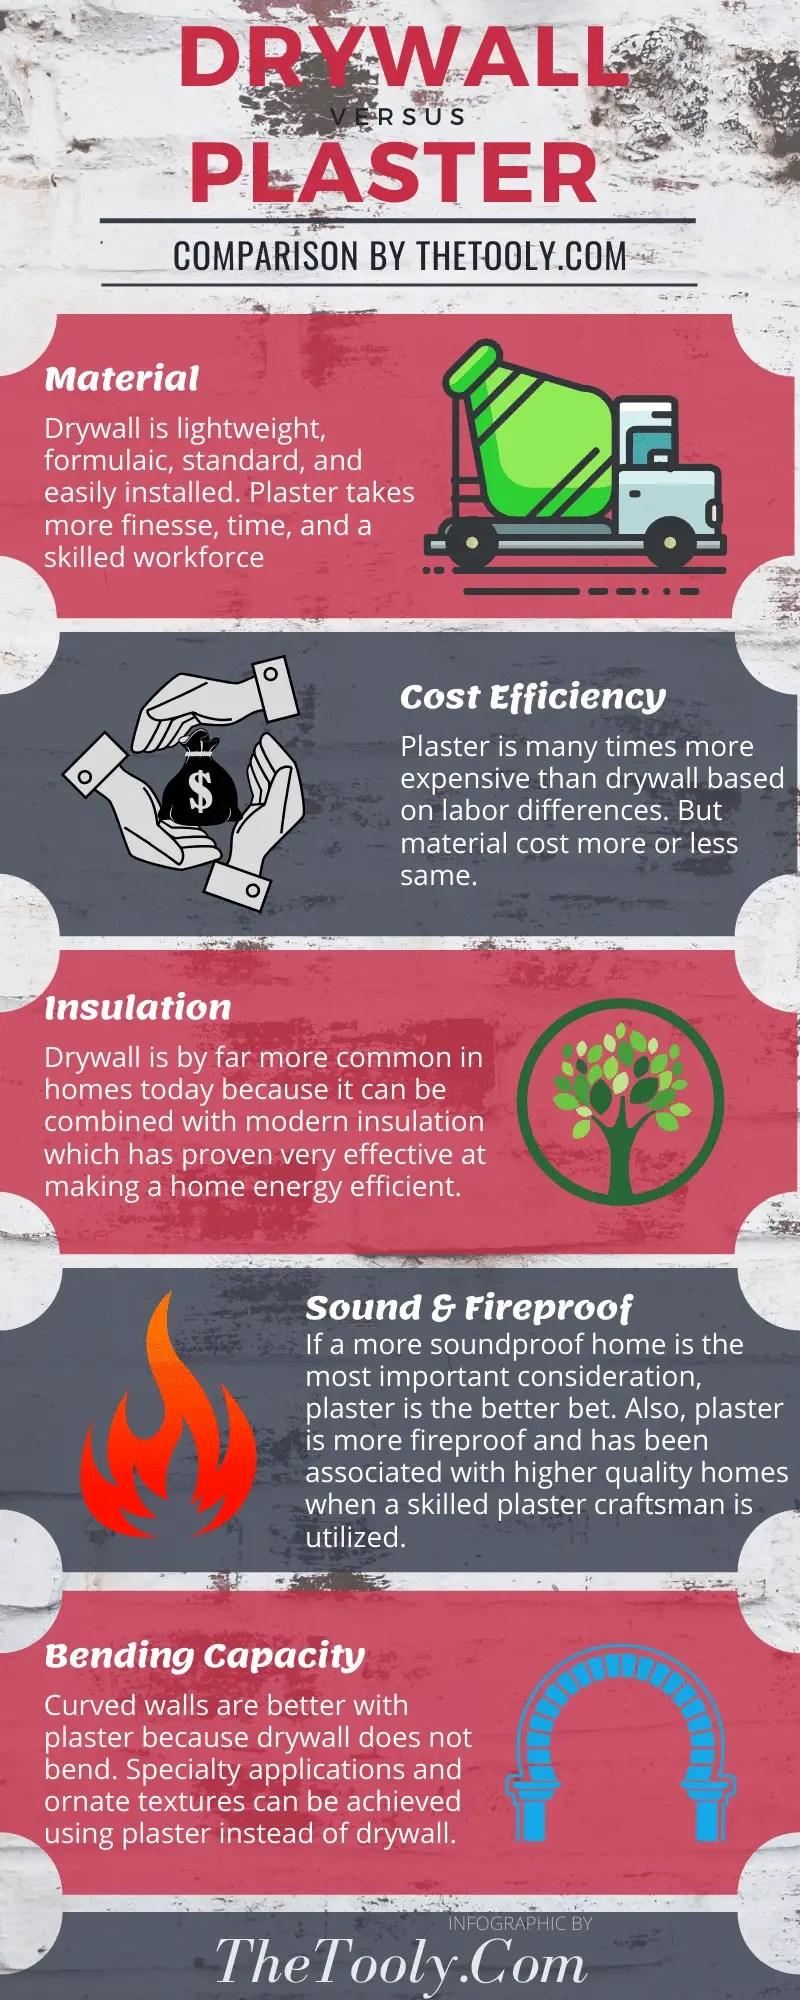 drywall vs plaster infographic